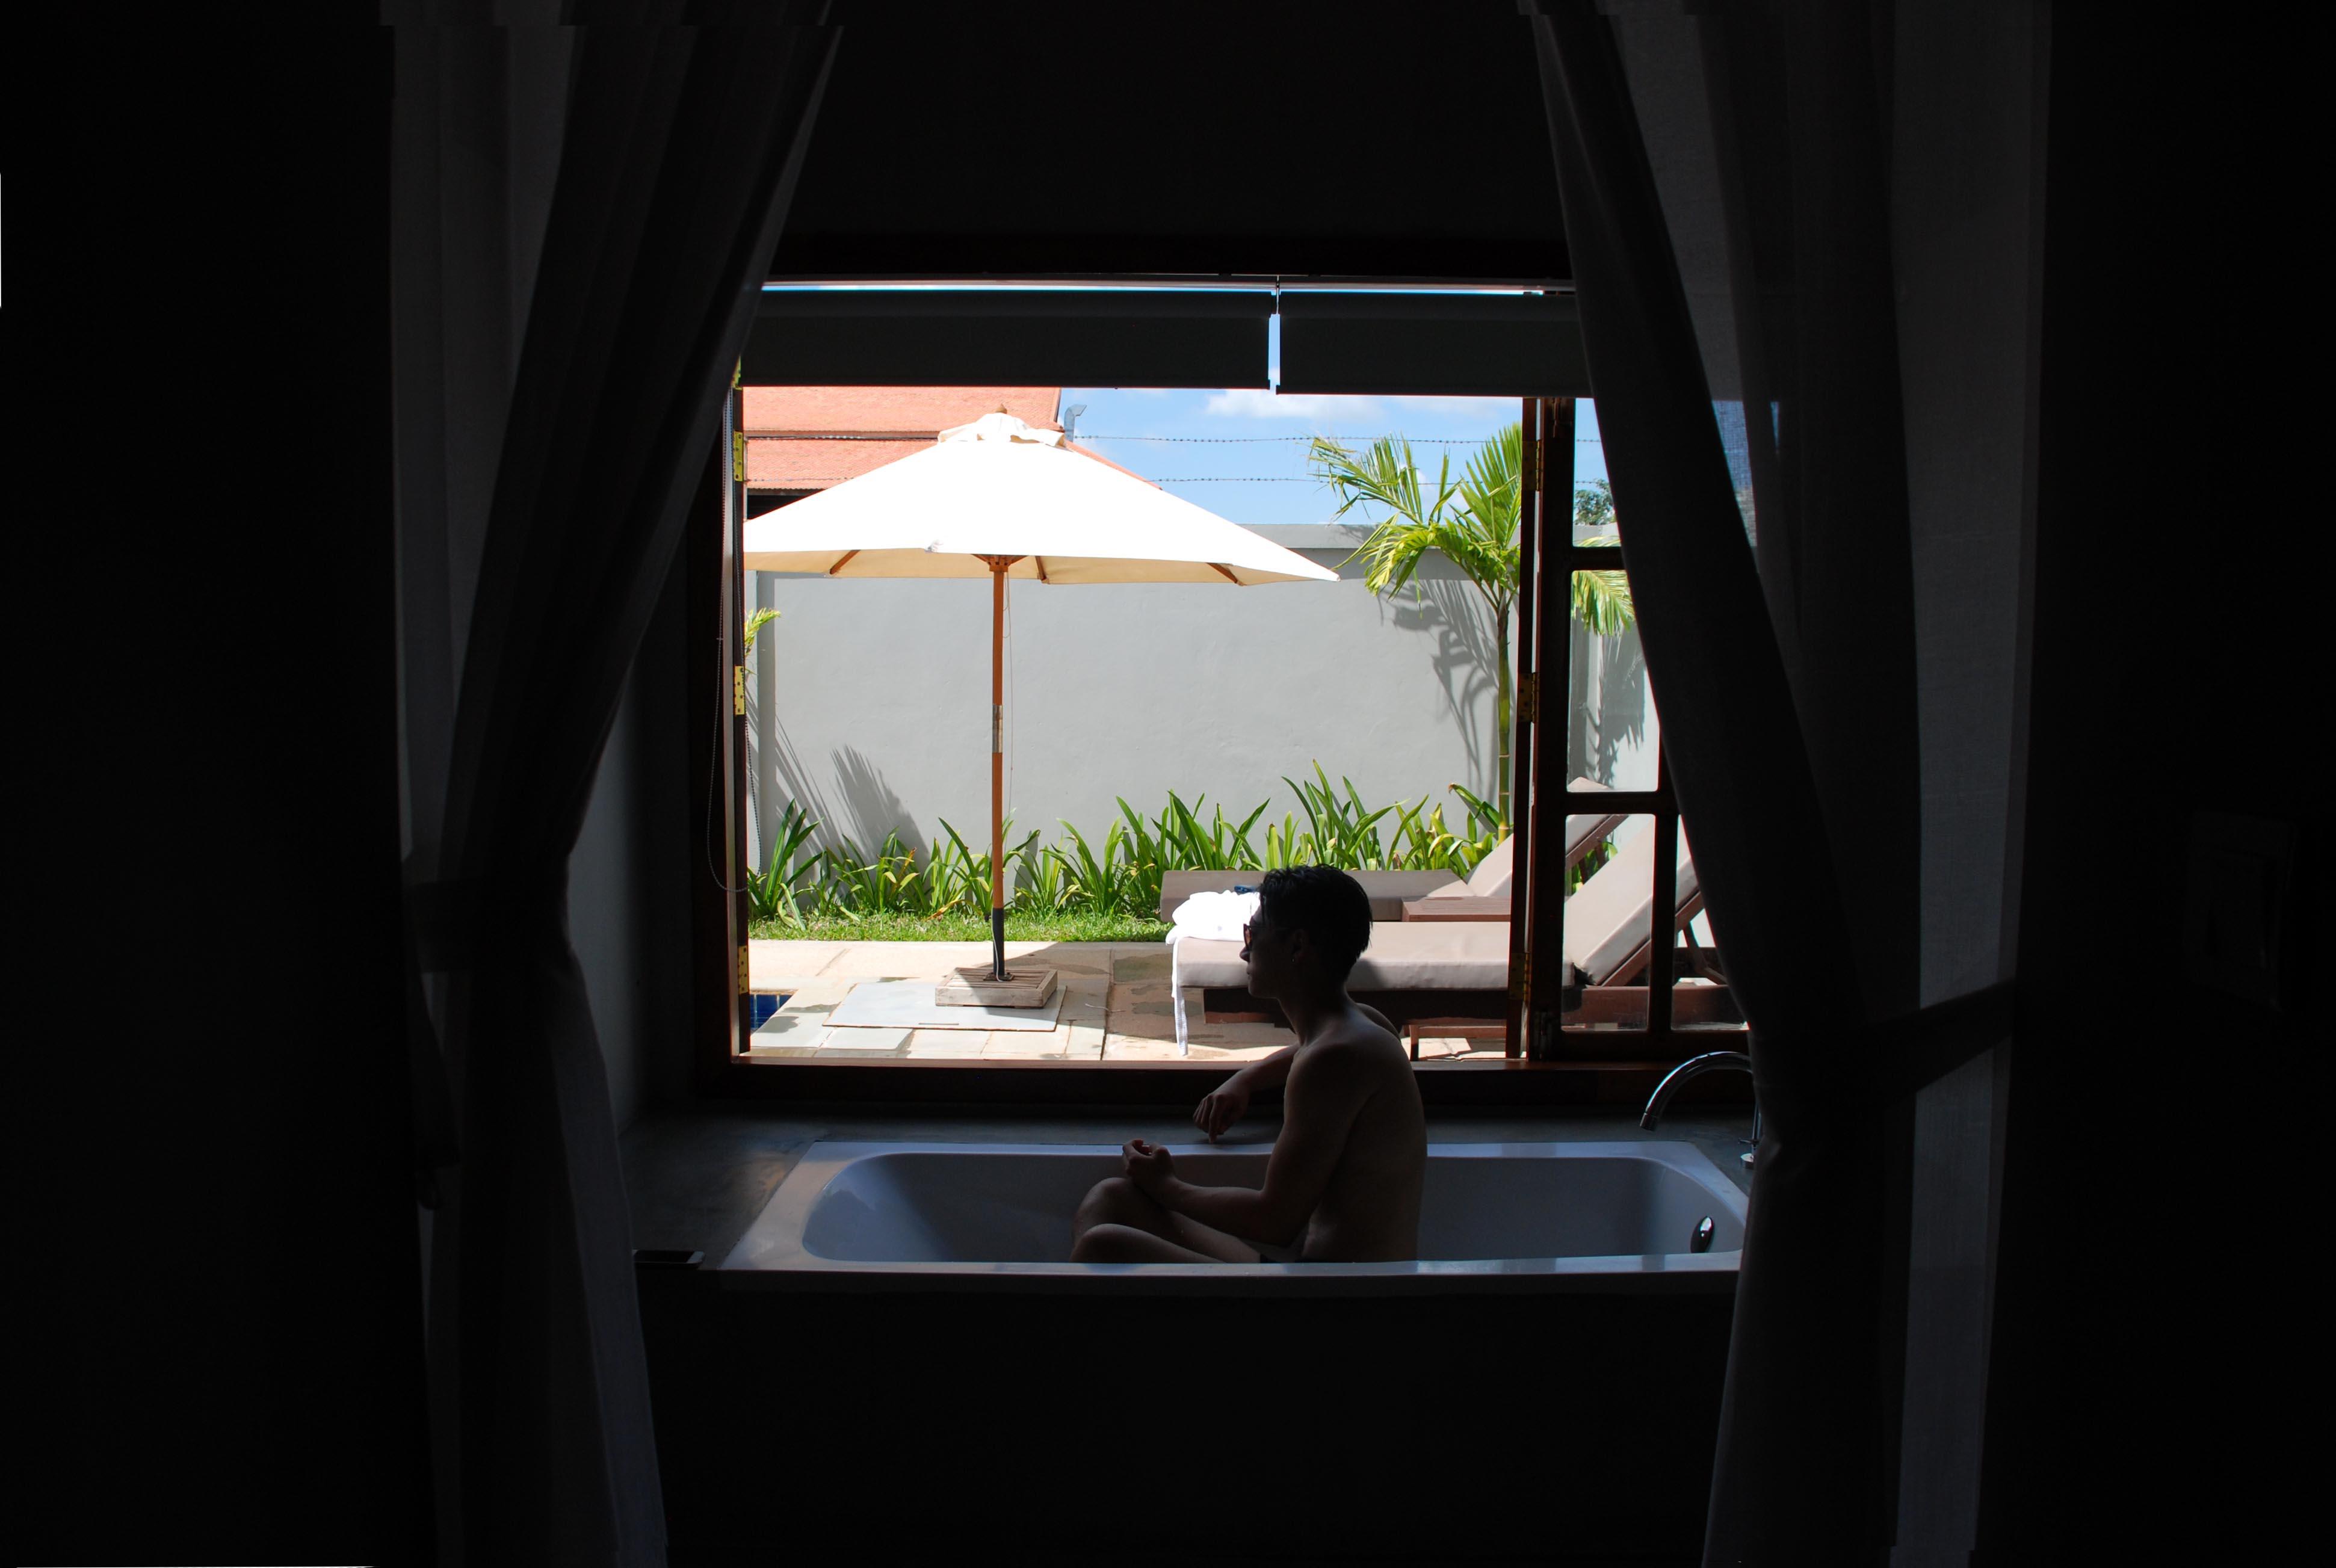 房內的浴室空間非常大,浴缸旁有大窗可看到私人泳池 (Photographer: Ran)